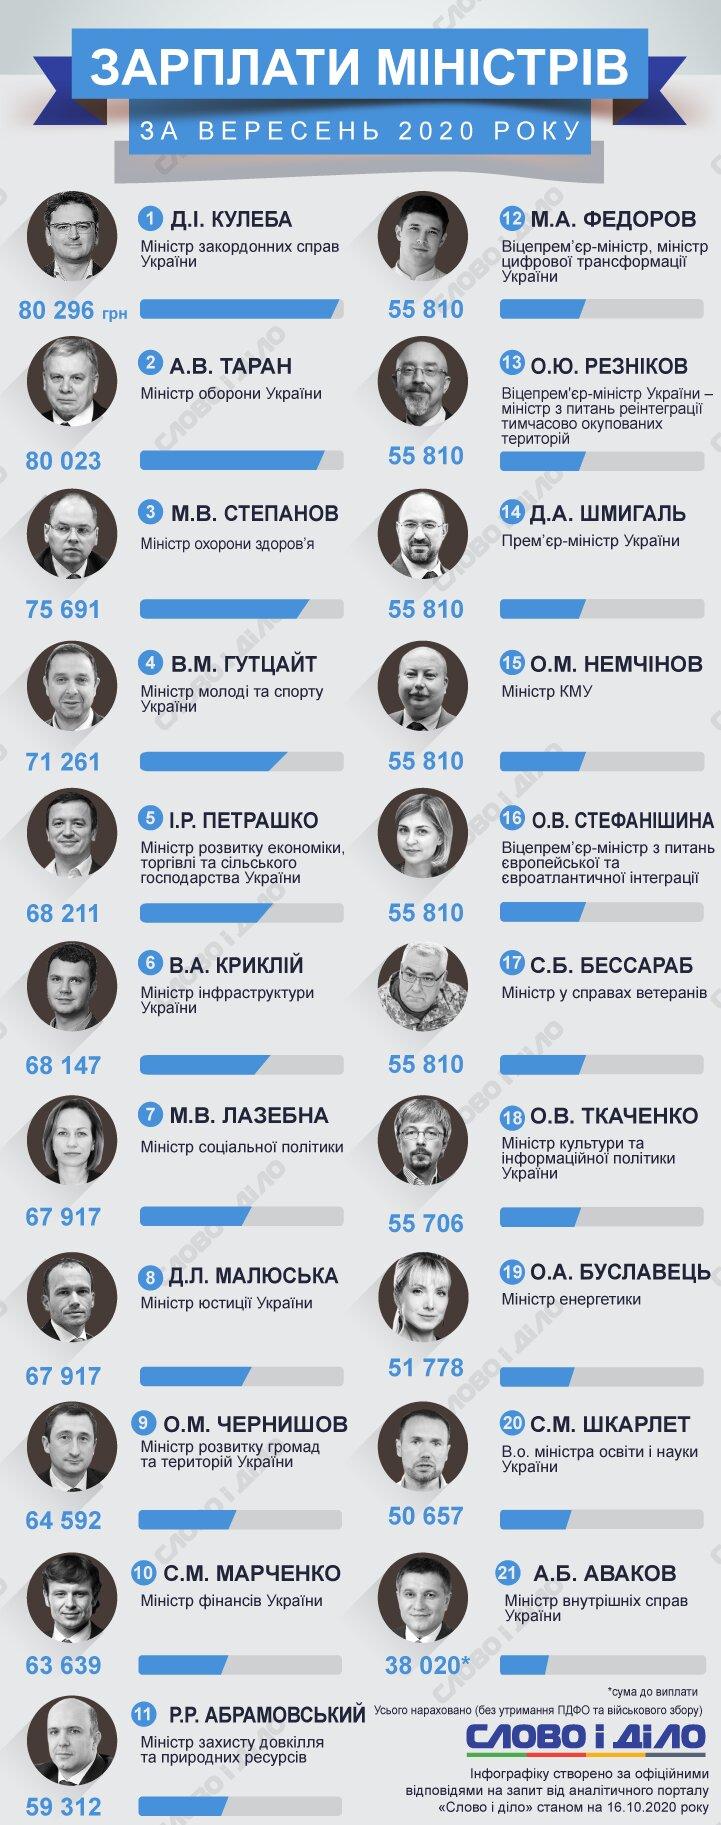 Украинцам показали зарплаты Шмыгаля, Авакова, Кулебы за сентябрь